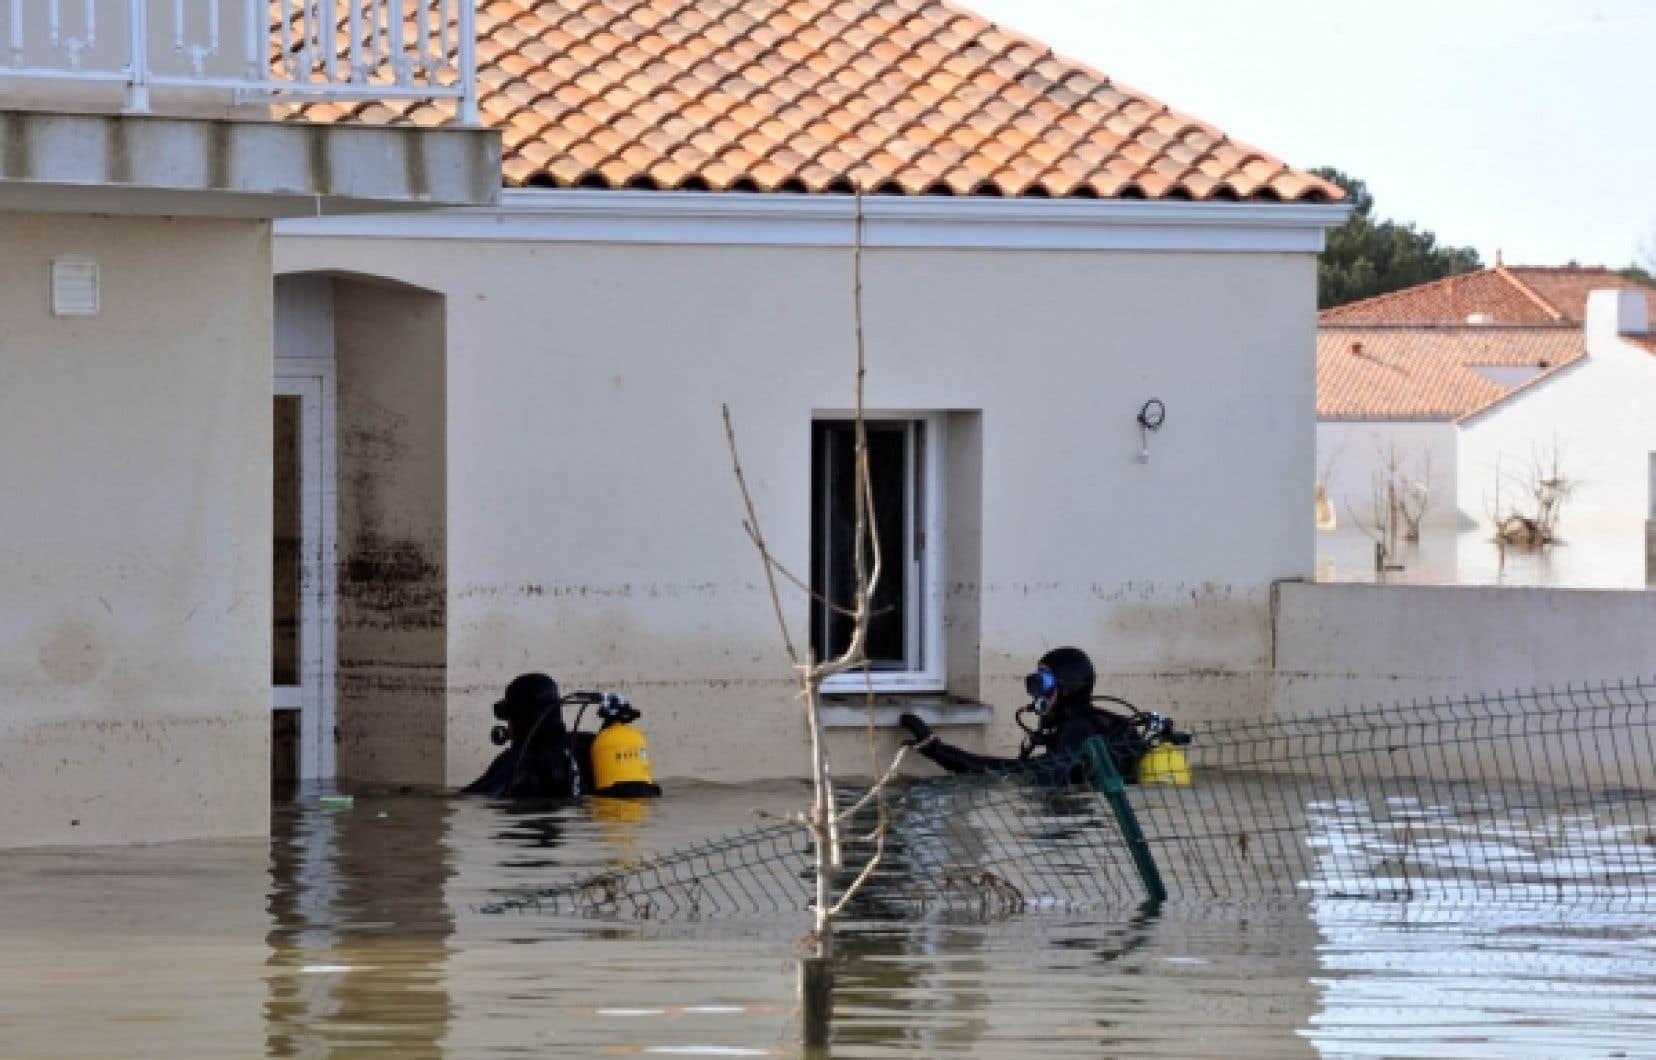 La plupart des victimes de la tempête Xynthia ont péri noyées dans leur sommeil, plusieurs villages étant envahis par les eaux.